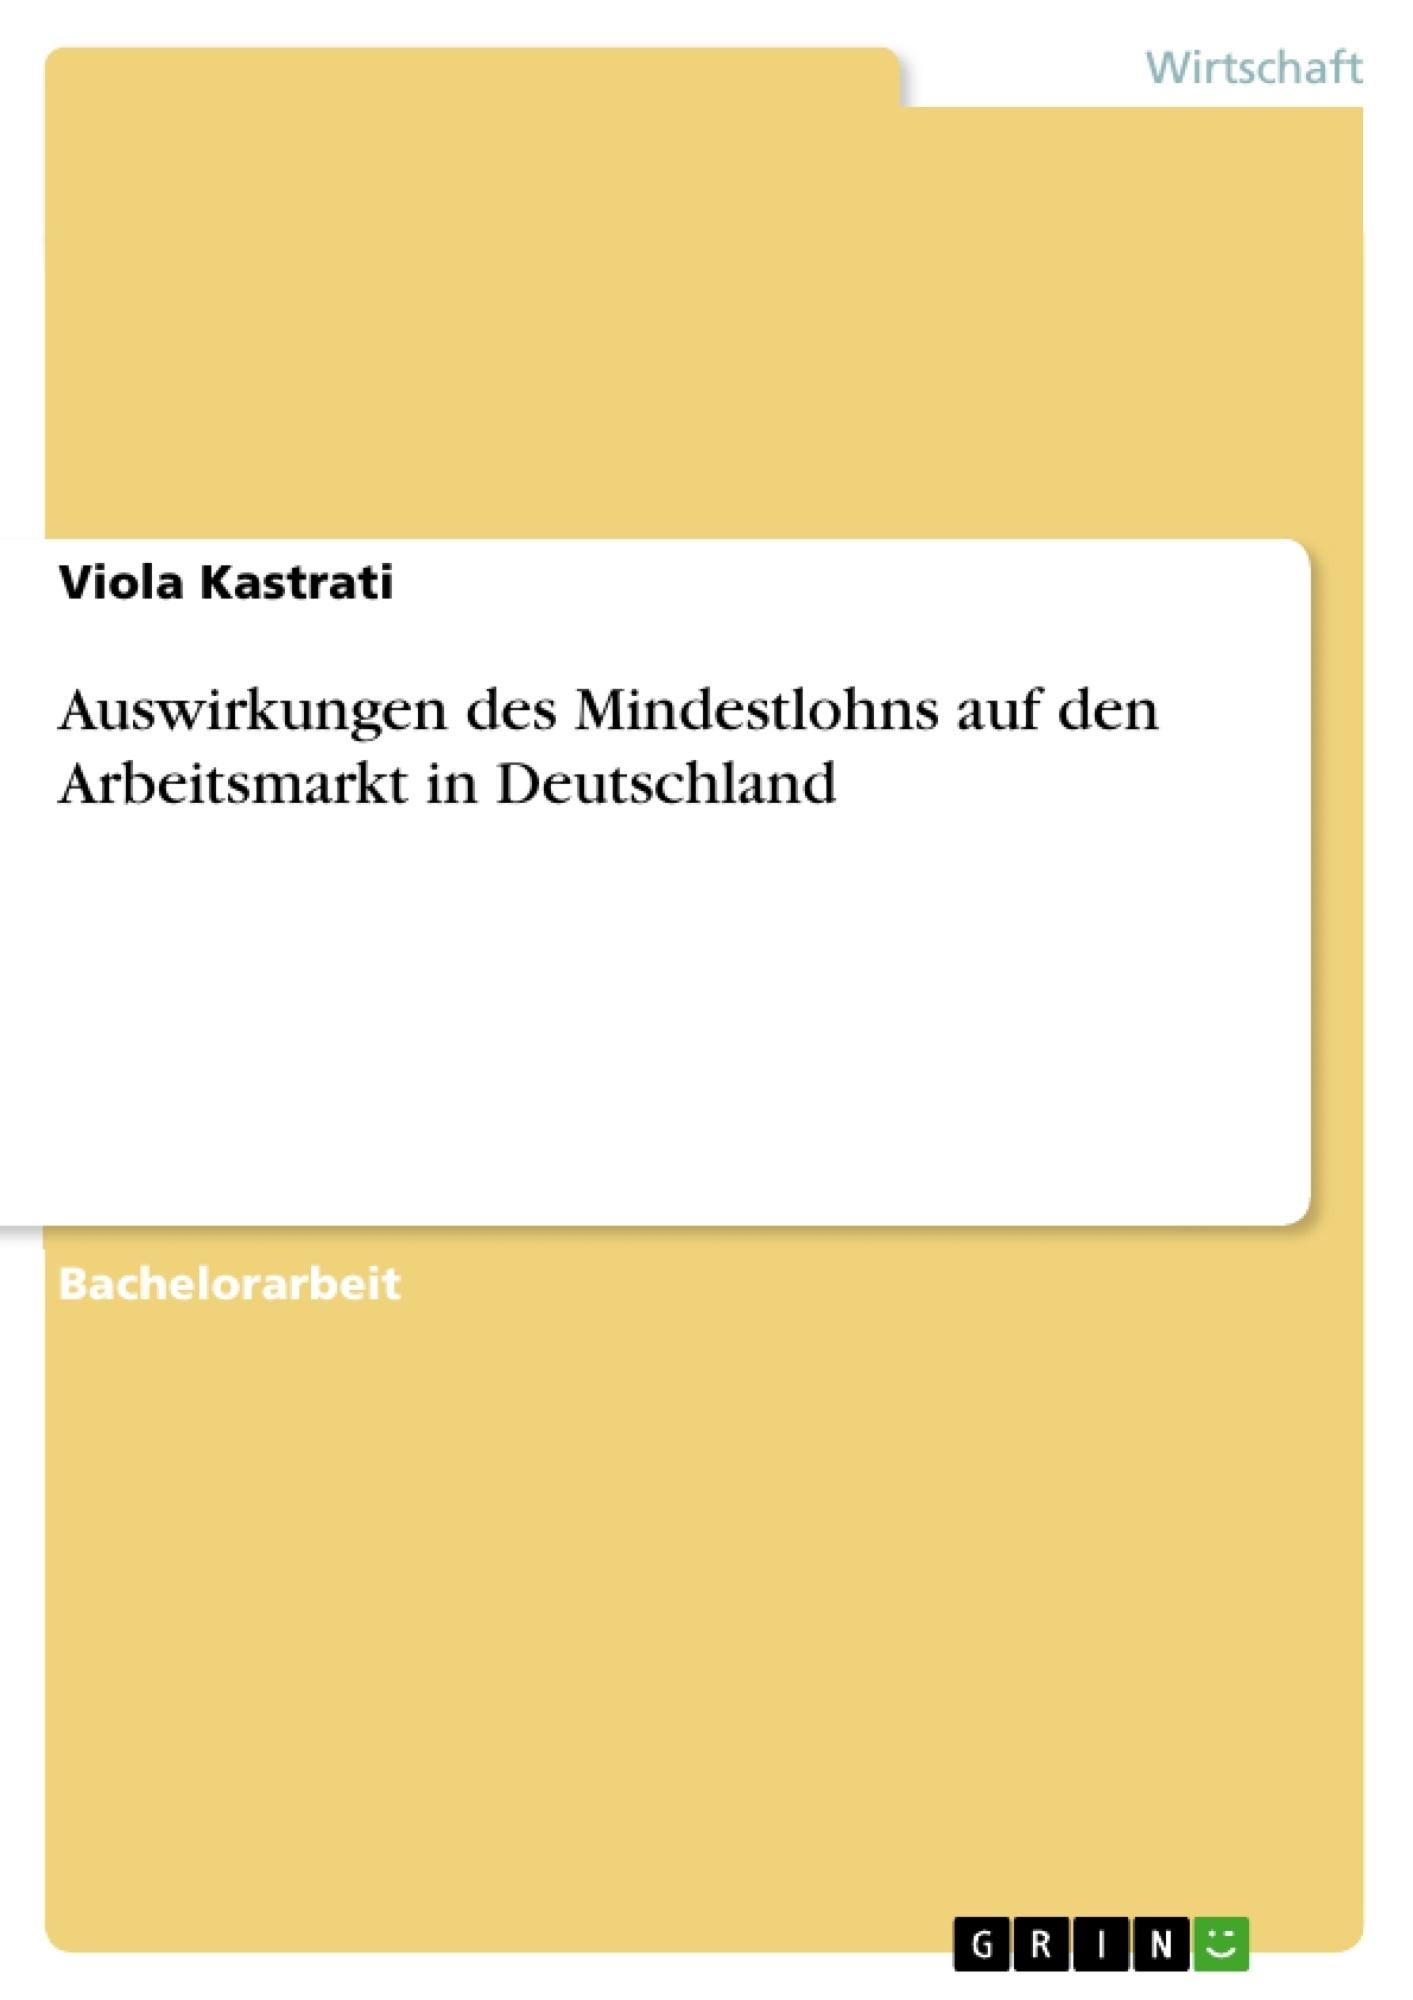 Titel: Auswirkungen des Mindestlohns auf den Arbeitsmarkt in Deutschland